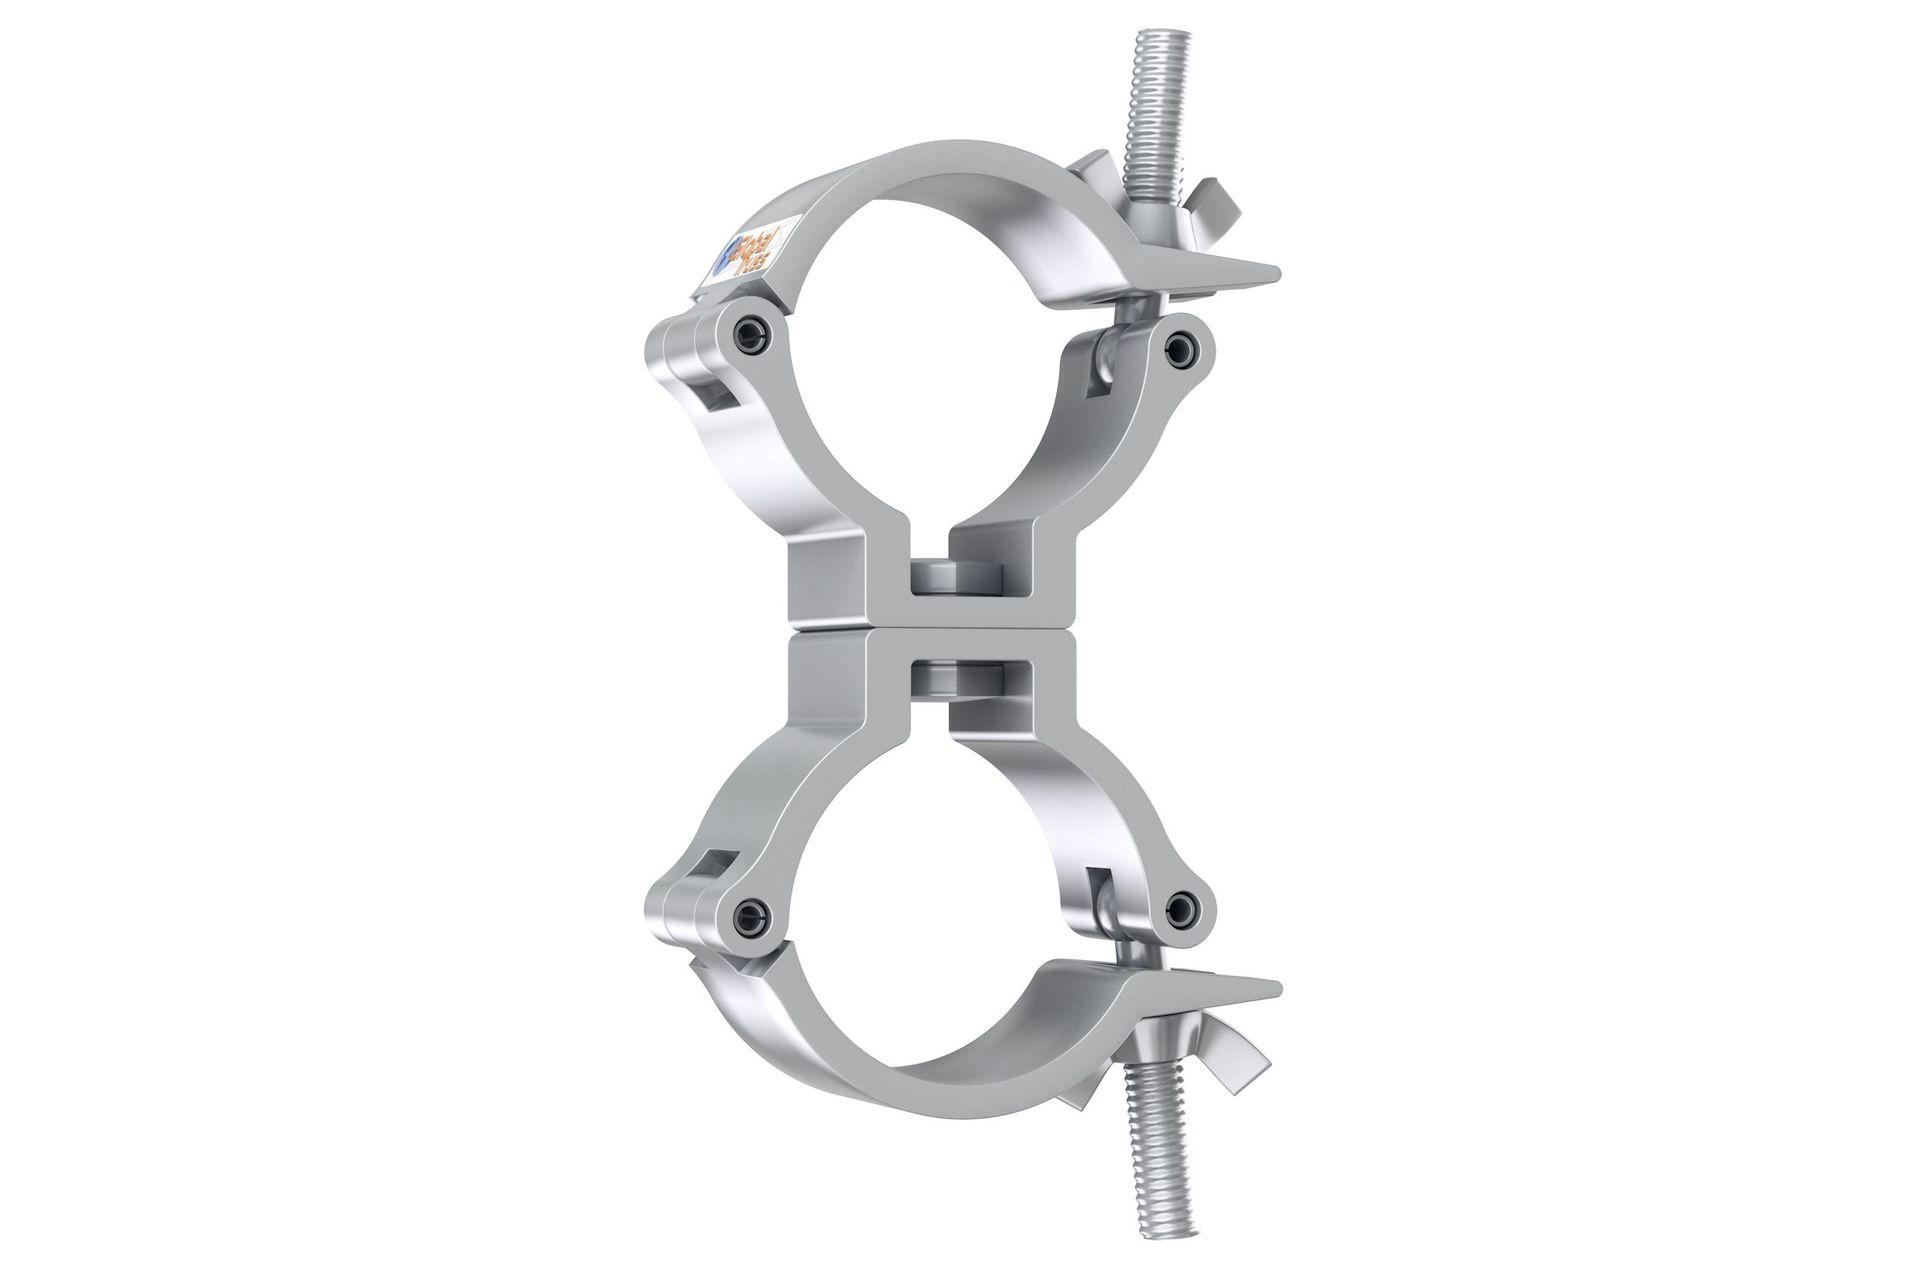 Global Truss 5032-2 Swivel Coupler Small 48-51 100kg Truss Aufnehmer